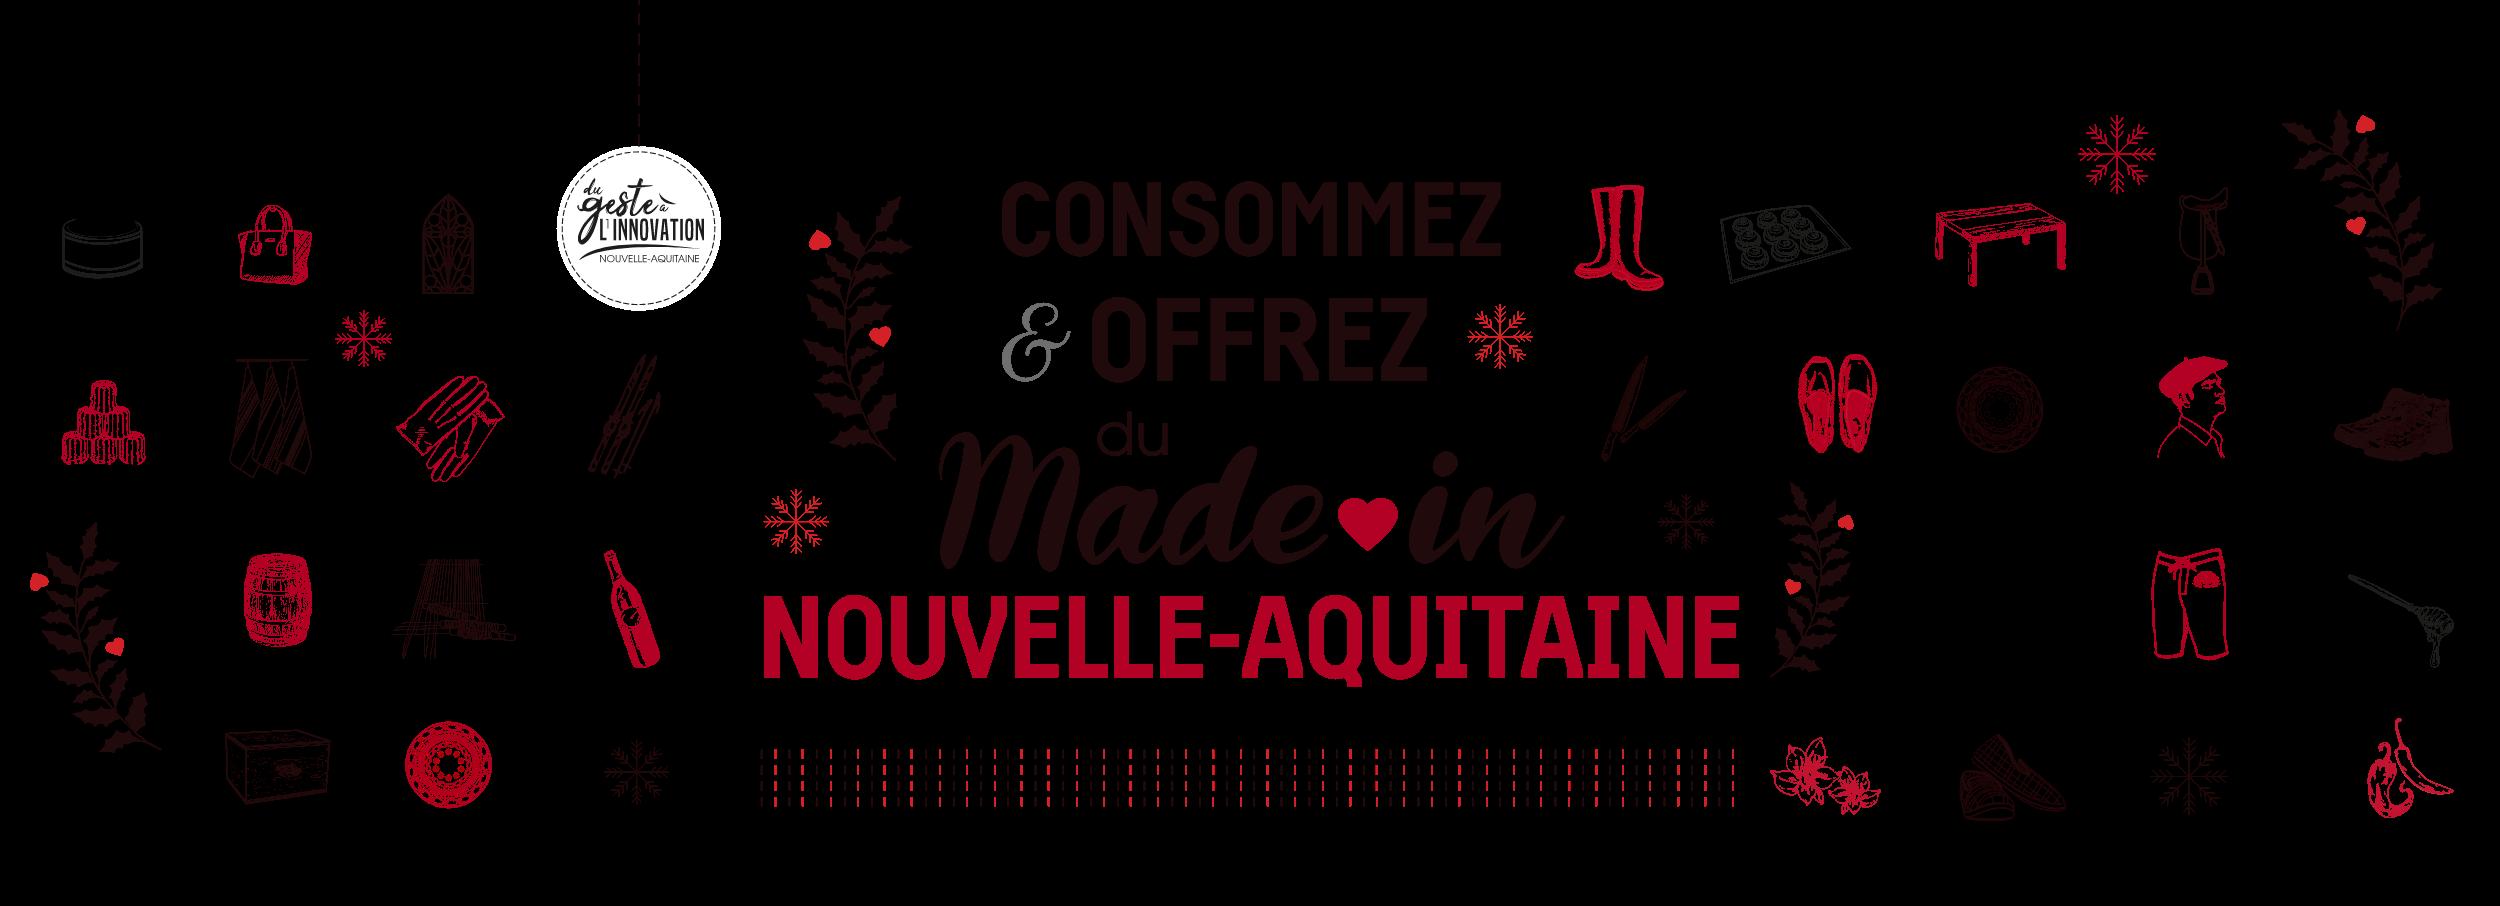 Consommez & offrez du Made in Nouvelle-Aquitaine